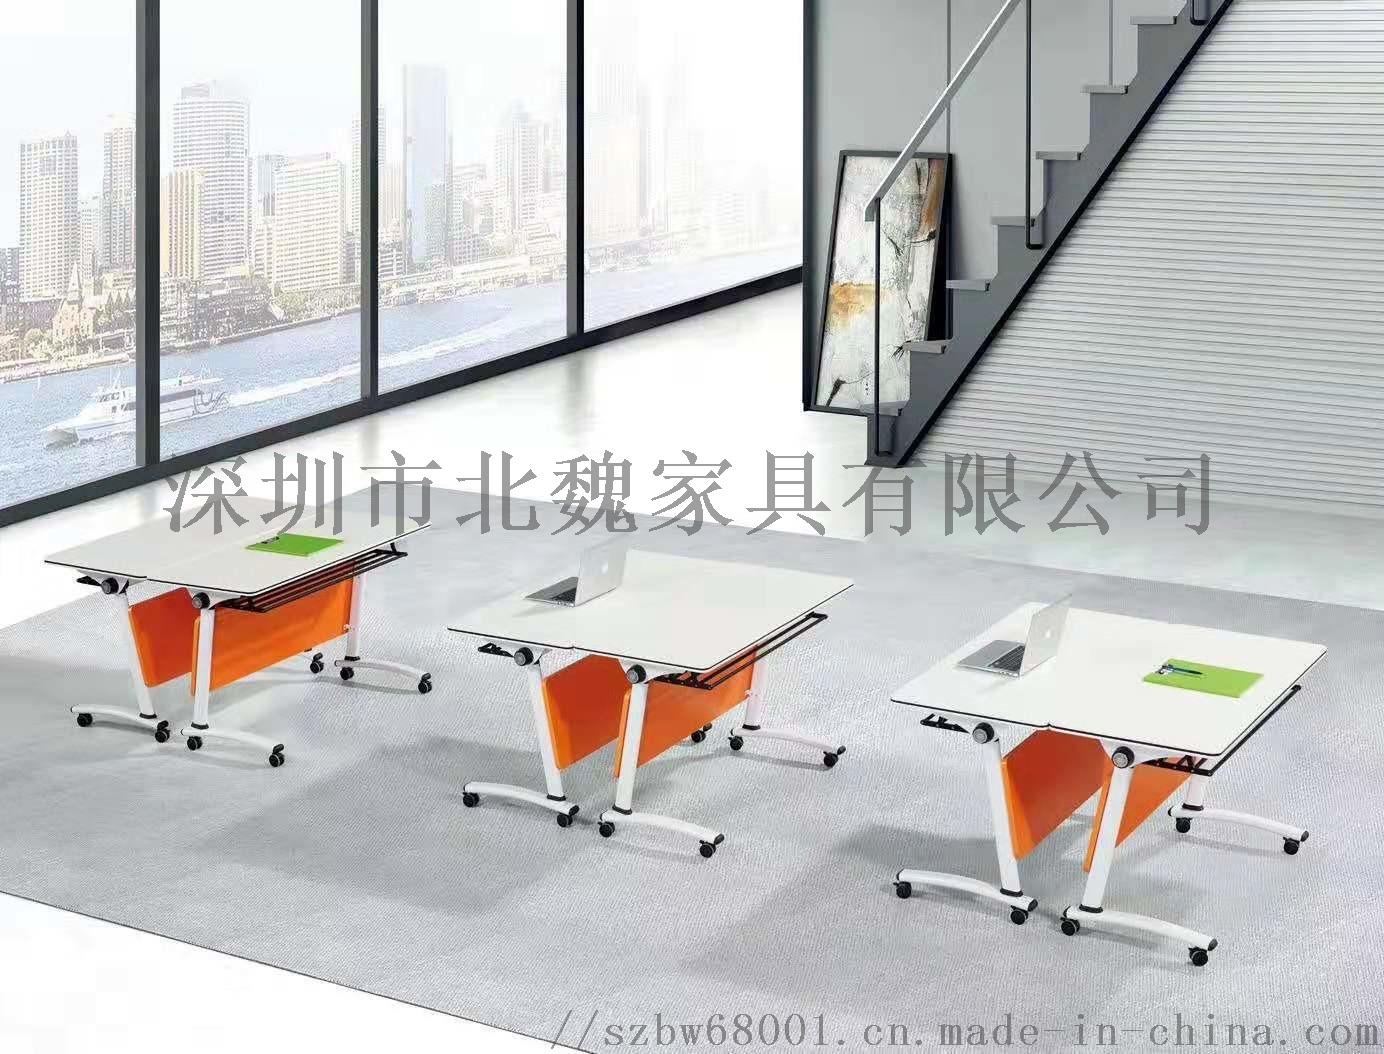 广东PXZ学校梯形拼接六边形创意带轮培训桌椅126941385